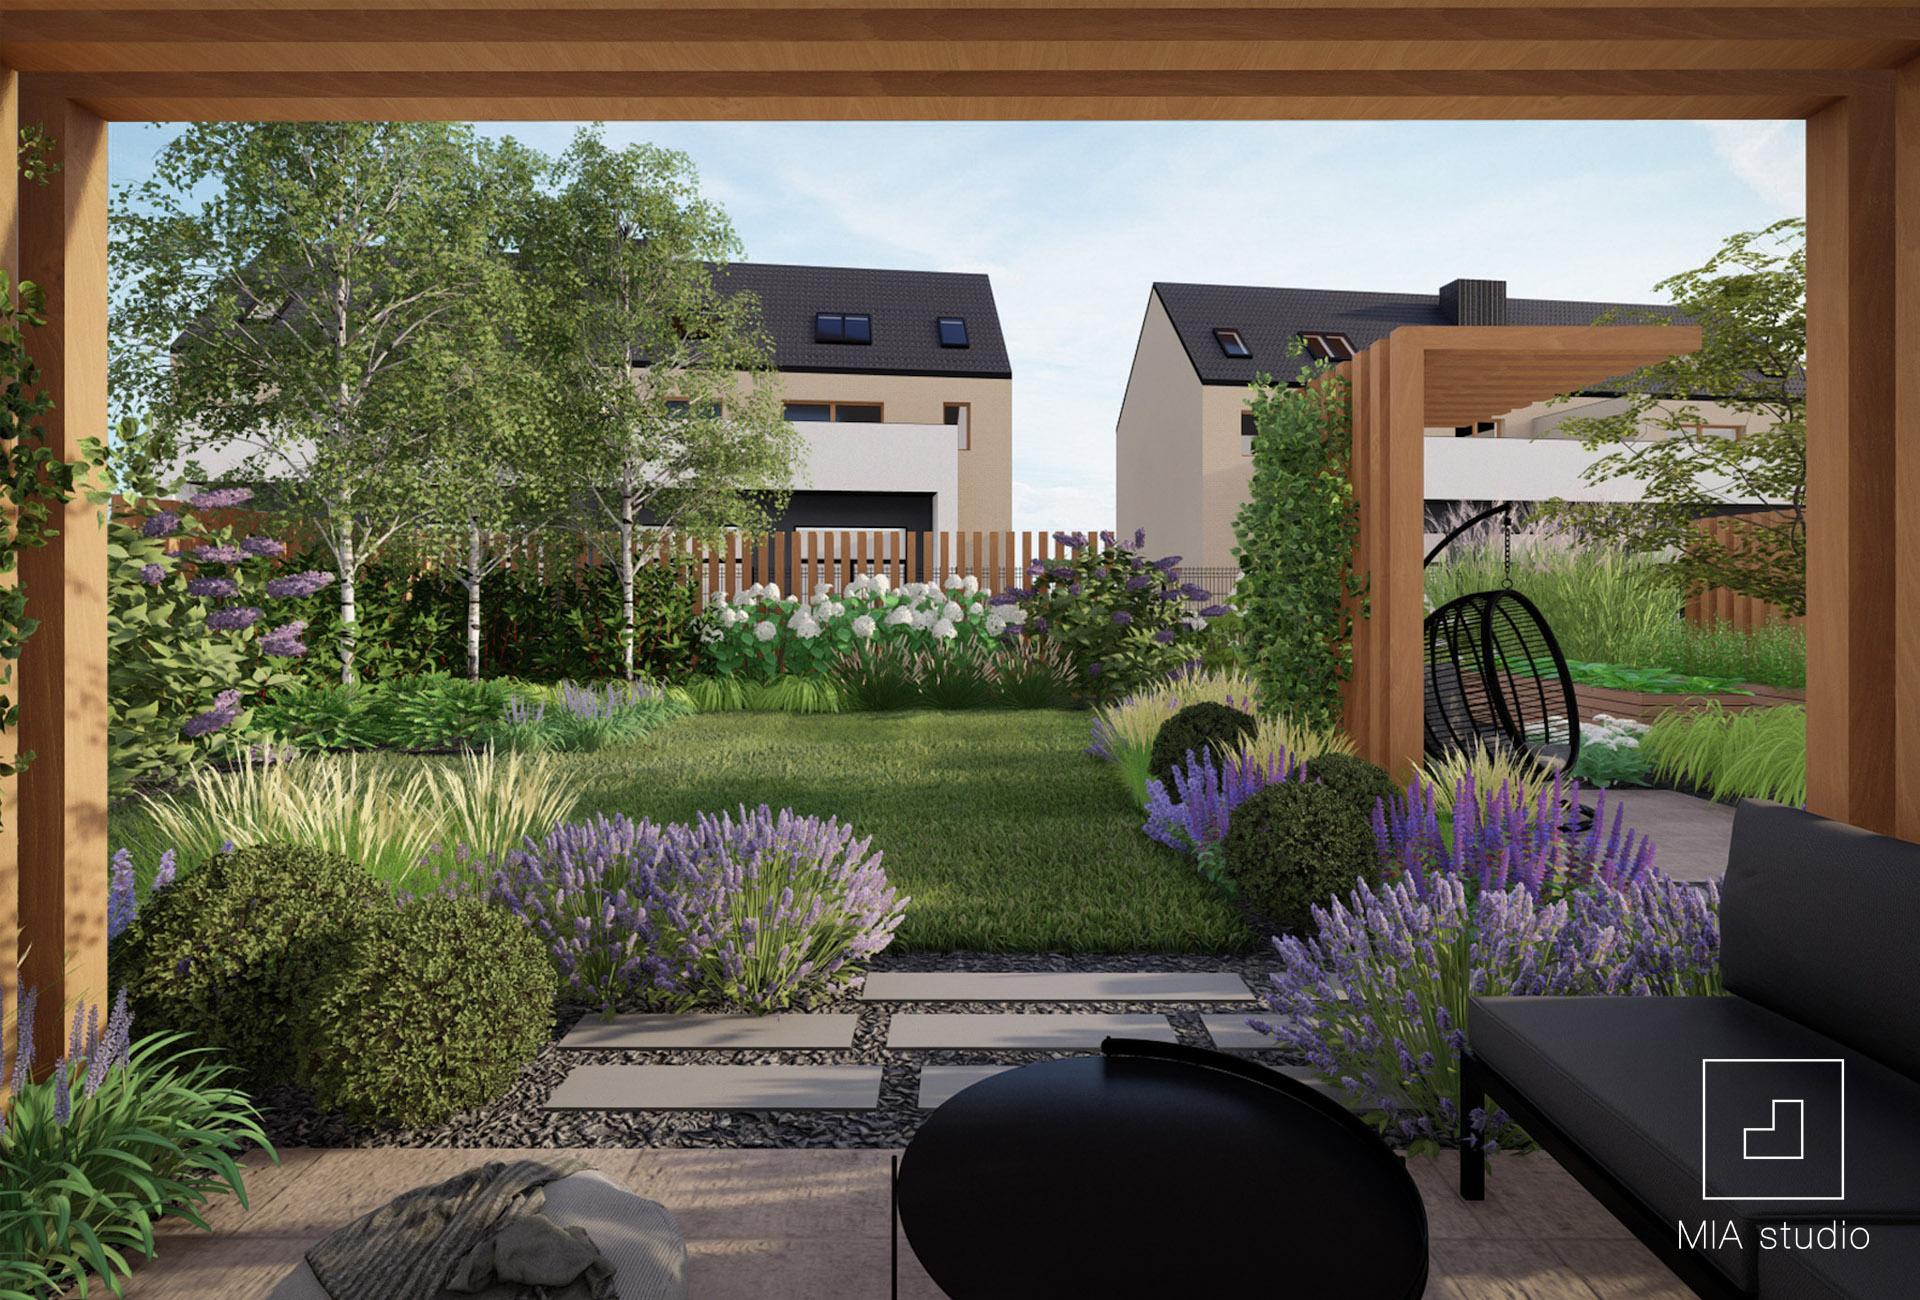 nowoczesny ogród angielski